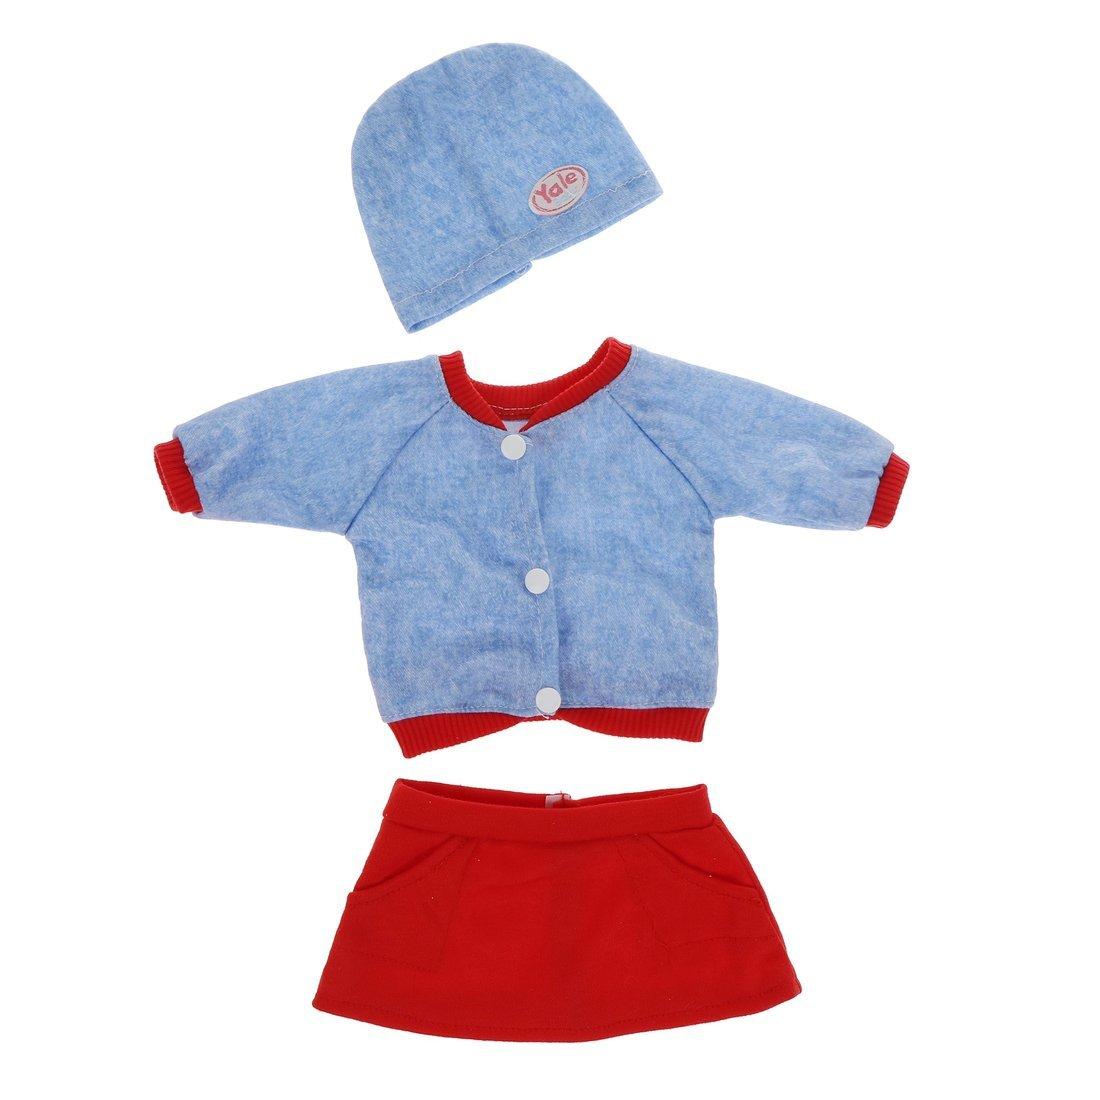 Купить Одежда для кукол Наша Игрушка 39-45 см BLC79, Наша игрушка,